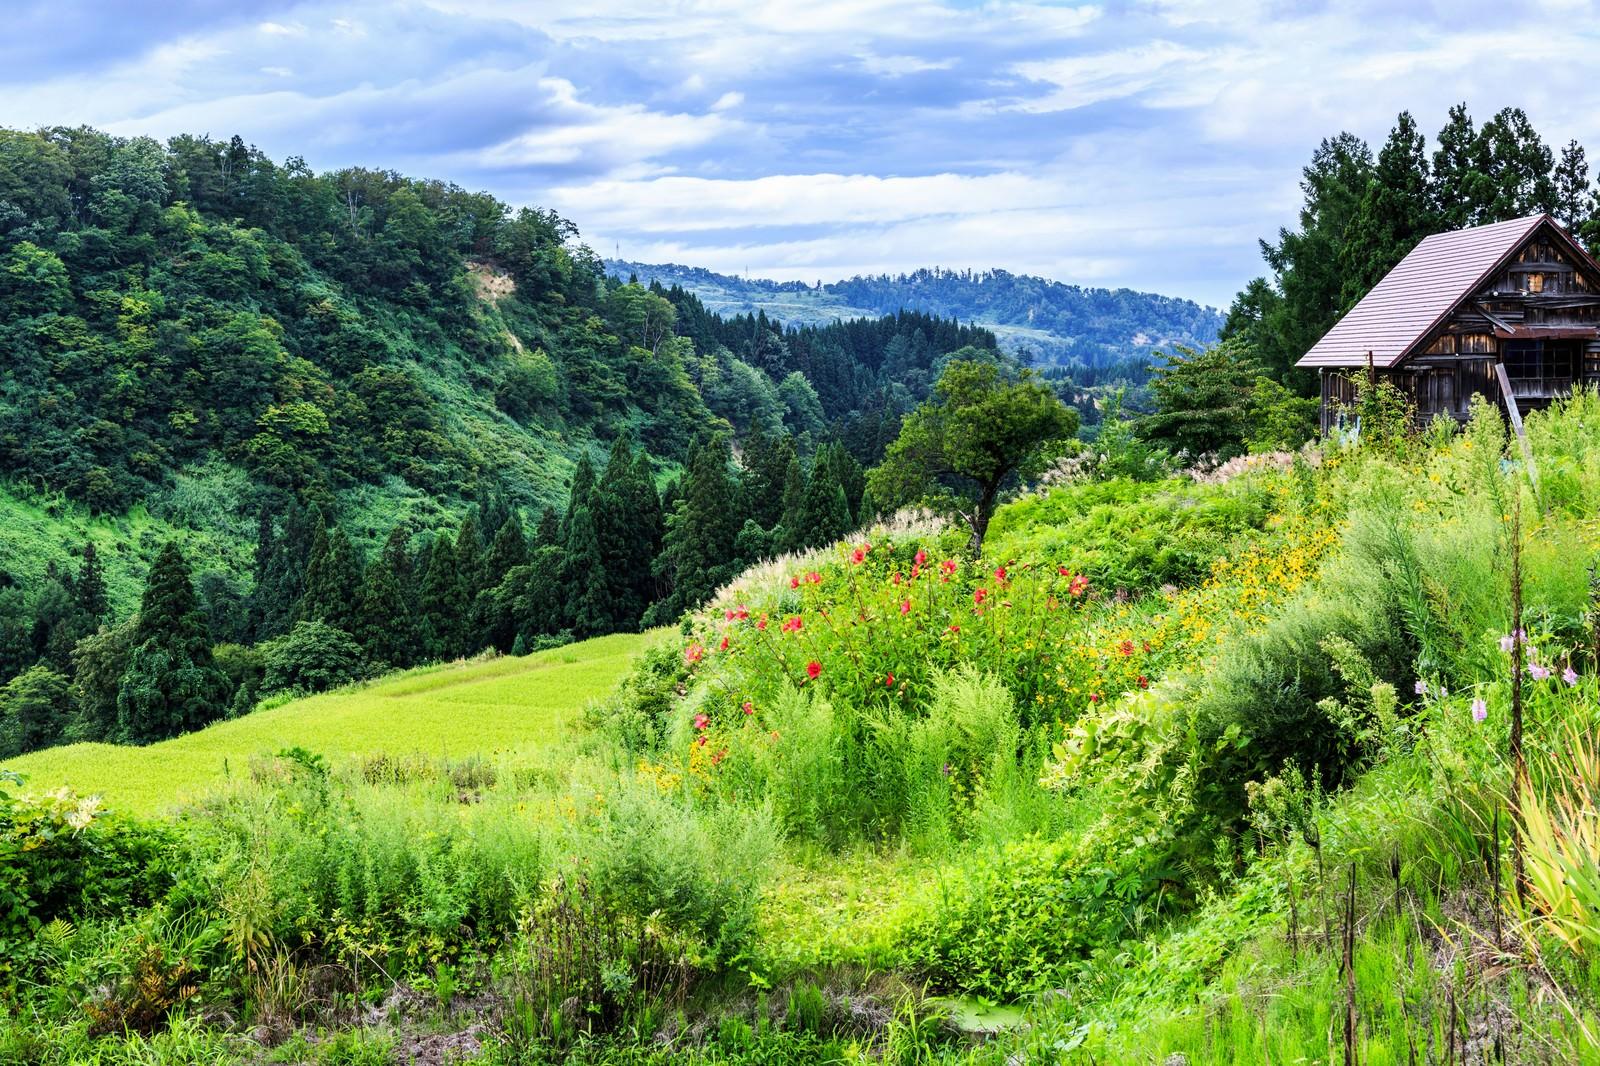 「山に囲まれた小屋 | 写真の無料素材・フリー素材 - ぱくたそ」の写真